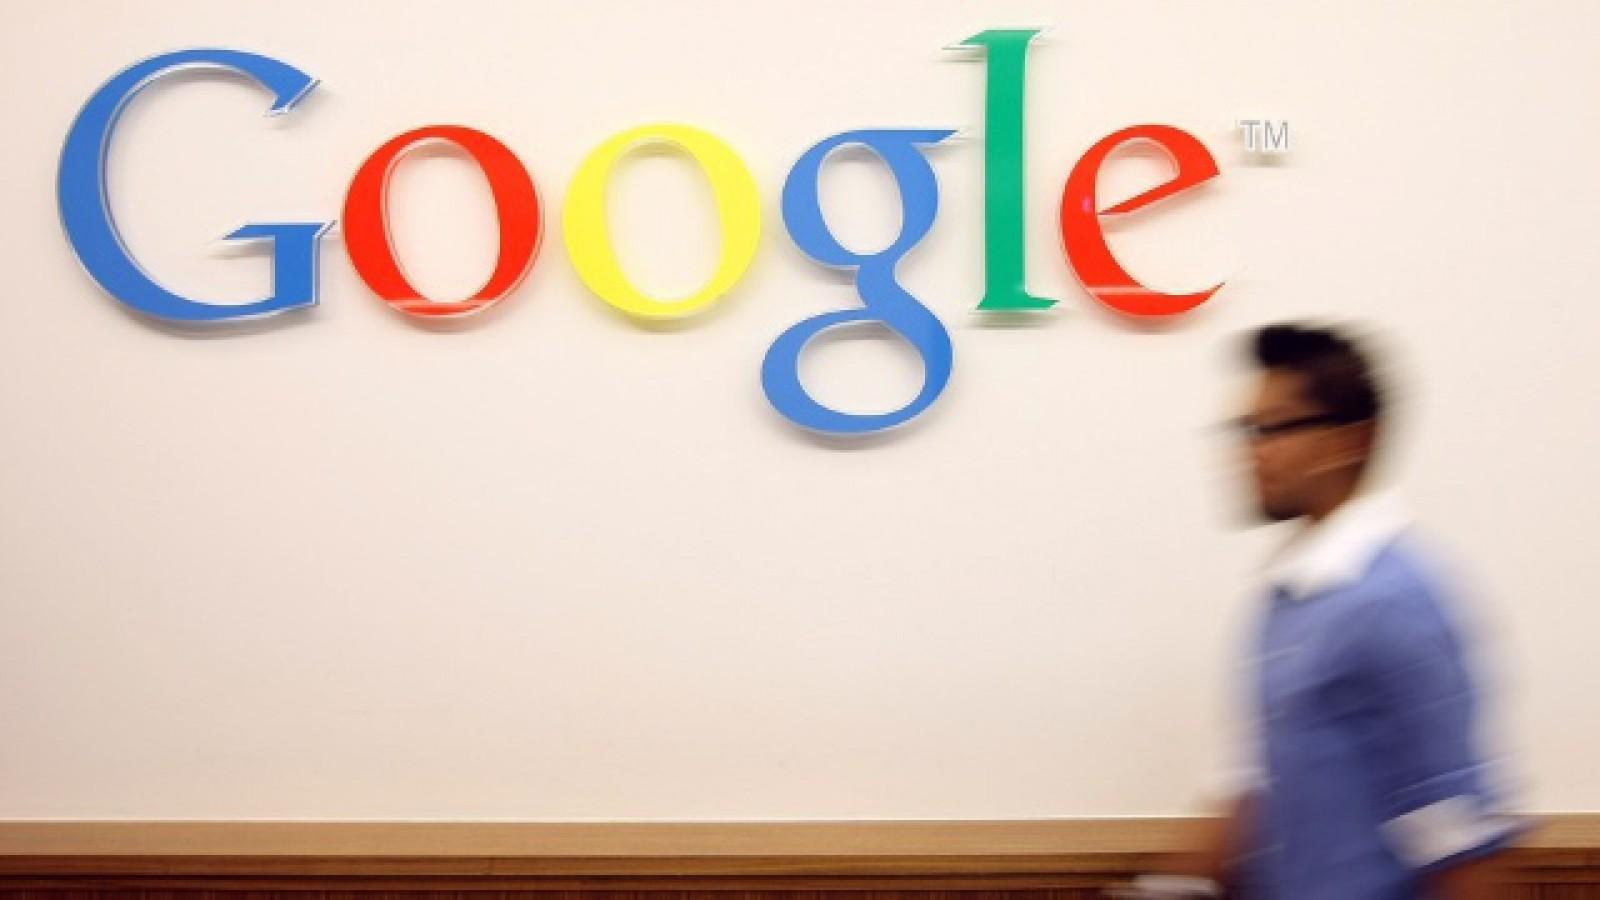 Protest în rândul angajaţilor Google, după ce compania americană a acceptat implicarea într-un proiect cu aplicaţii militare